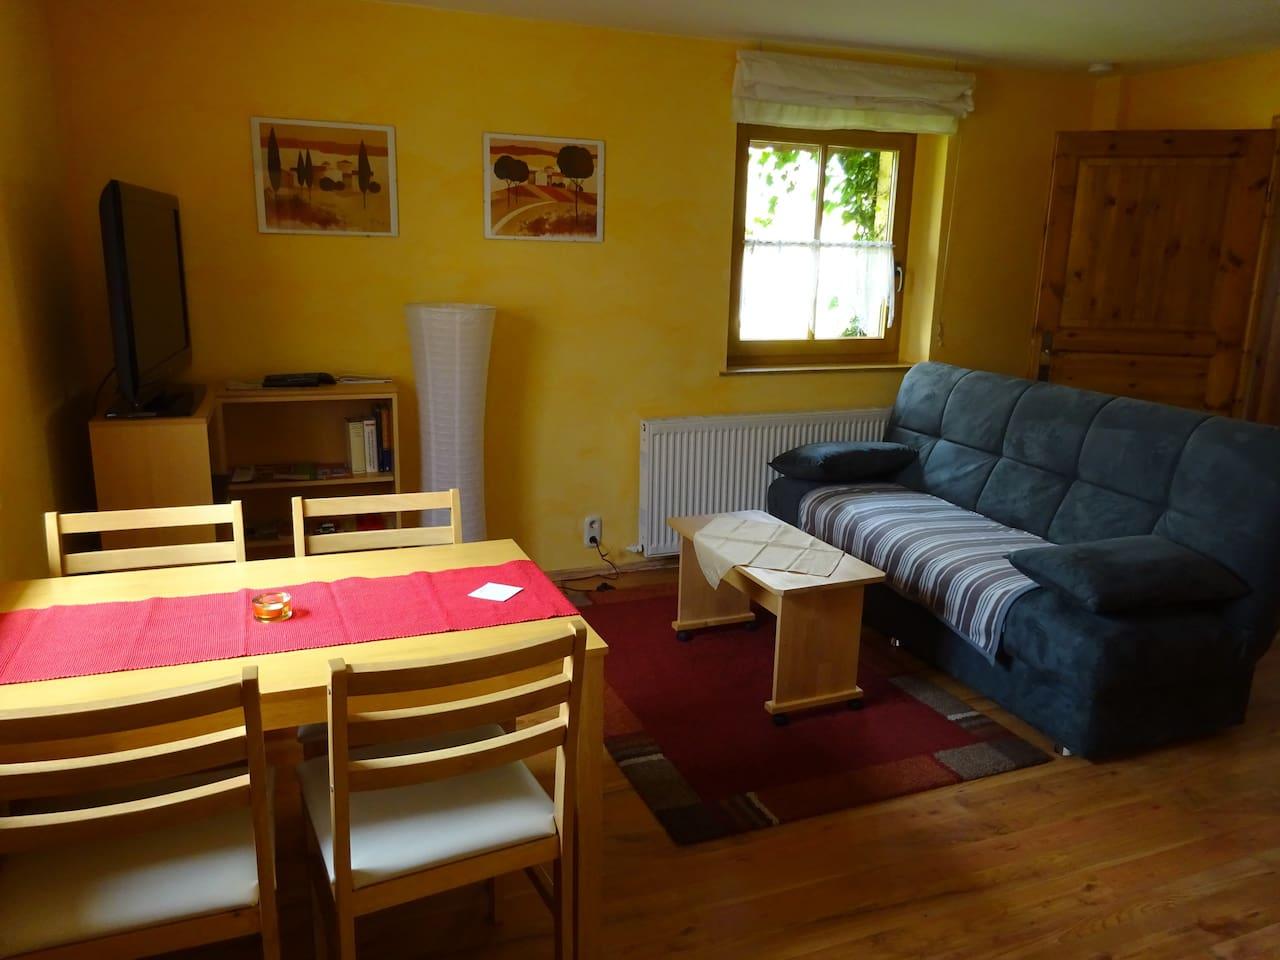 Apartment 2 Räume ruhige Stadtrandlage - Wohnungen zur Miete in ...